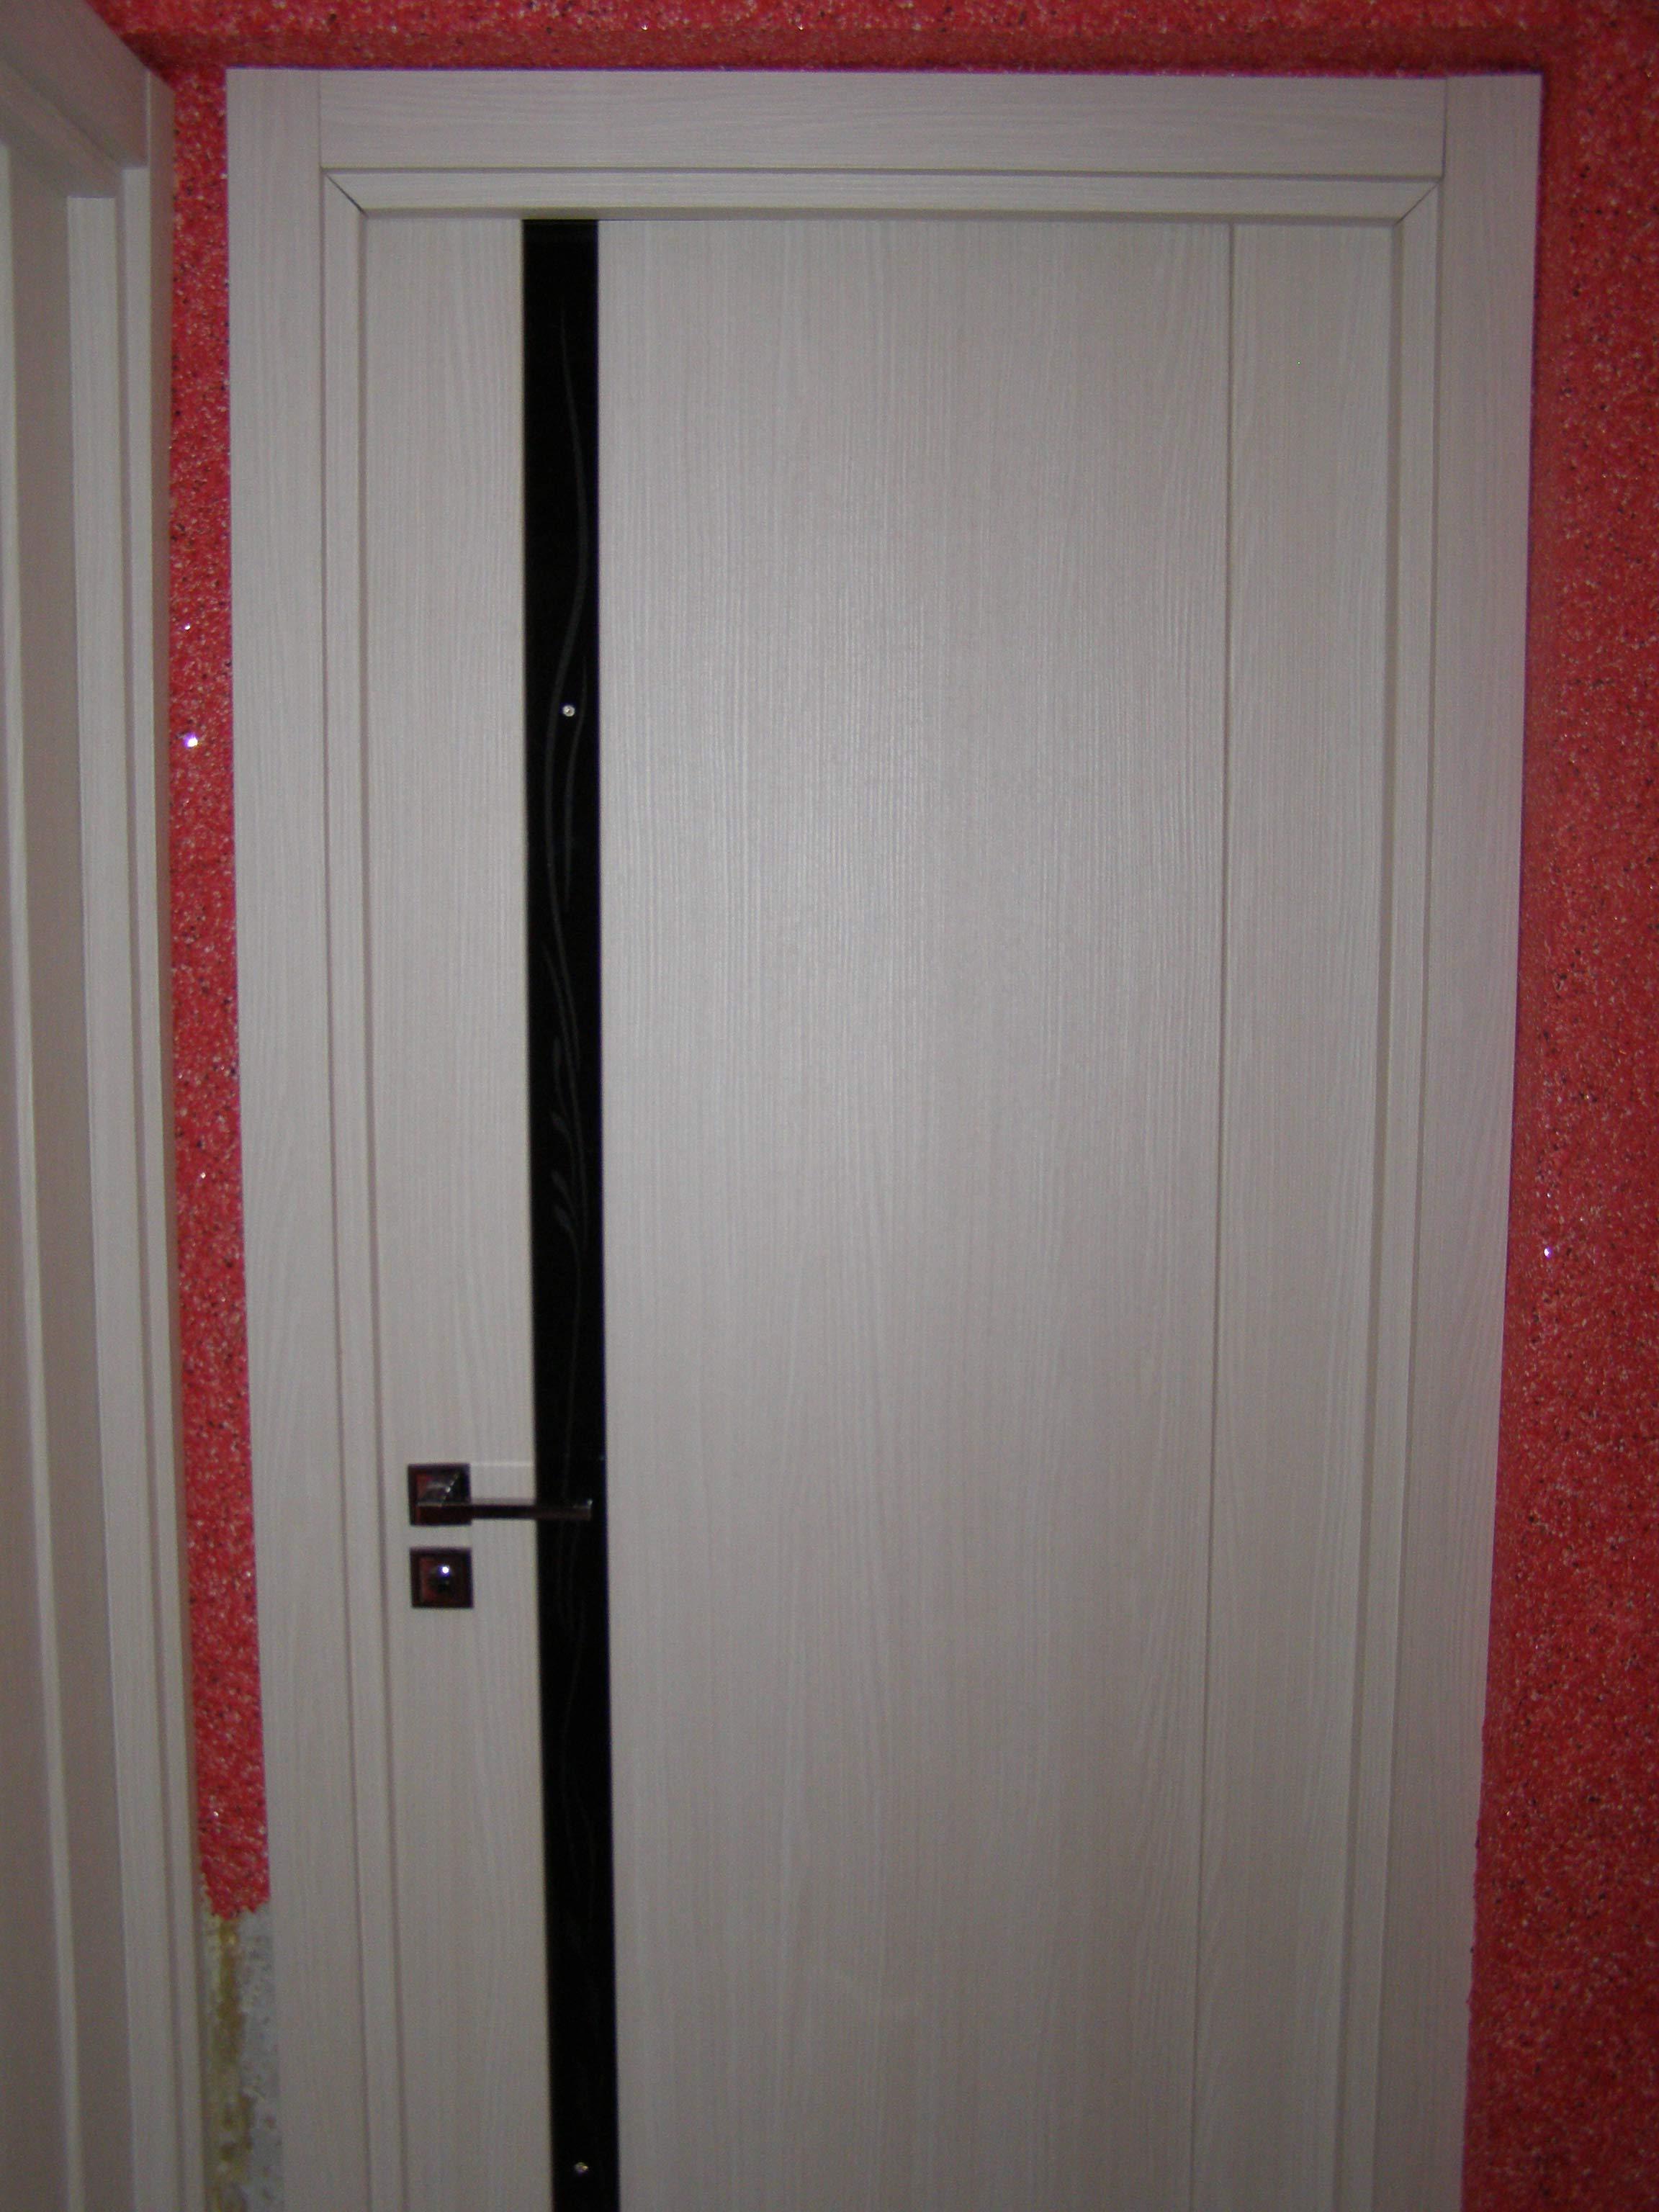 внешний вид современной двери на фоне жидких обоев